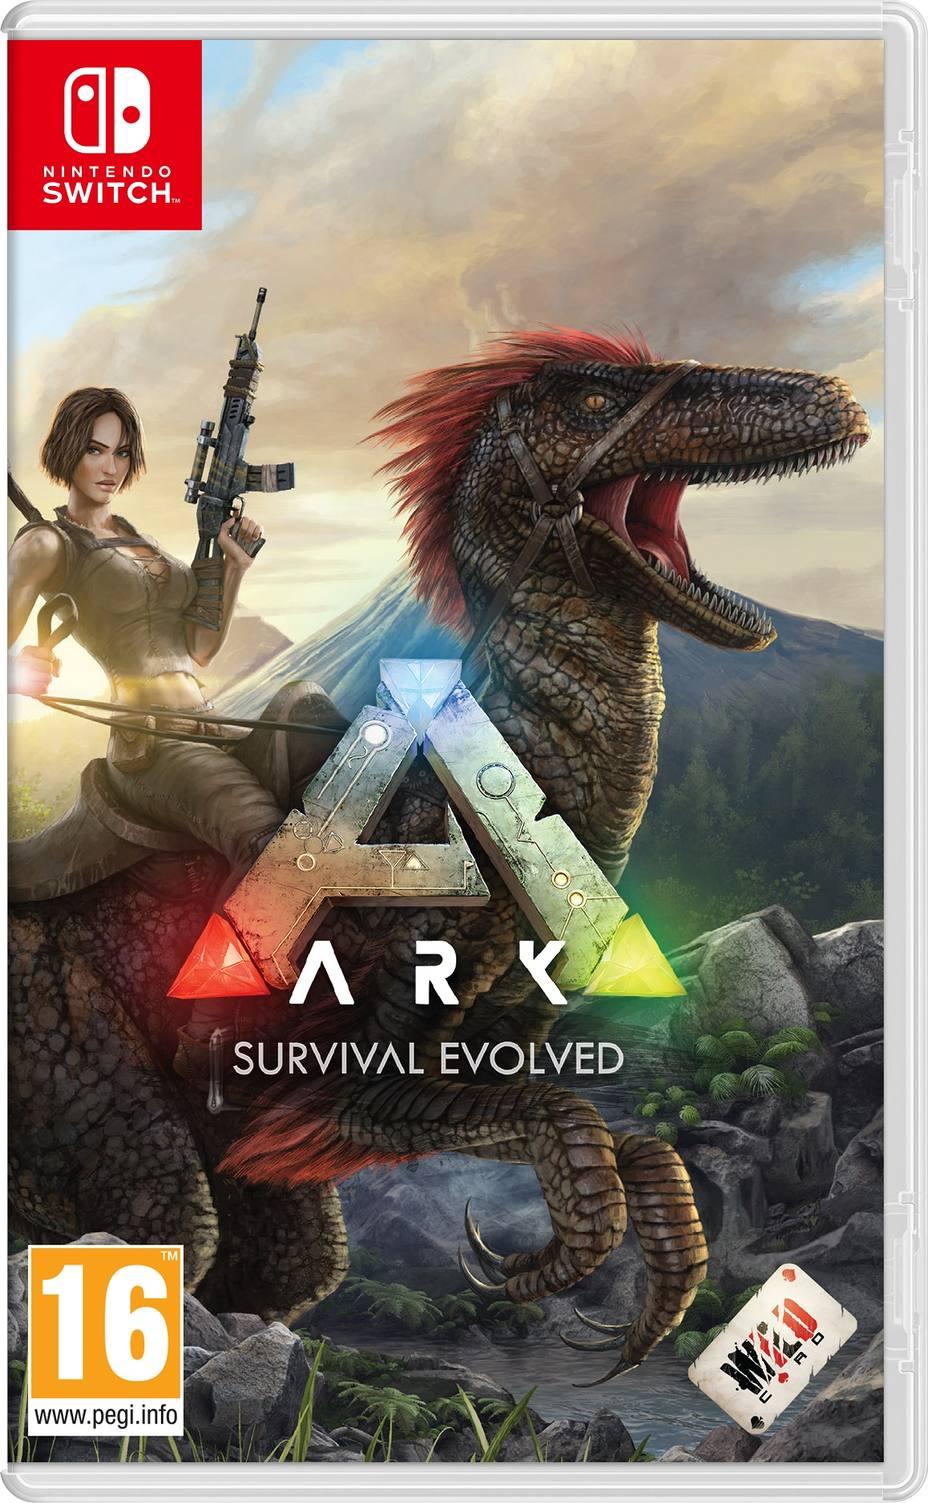 Una Aventura De Supervivencia Con Dinosaurios Ark Survival Evolved Para Nintendo Switch Tecnologia Cope Esta es la lista con los cambios que nos trae la actualización 207 de ark, agrupados en categorías porque nos. dinosaurios ark survival evolved